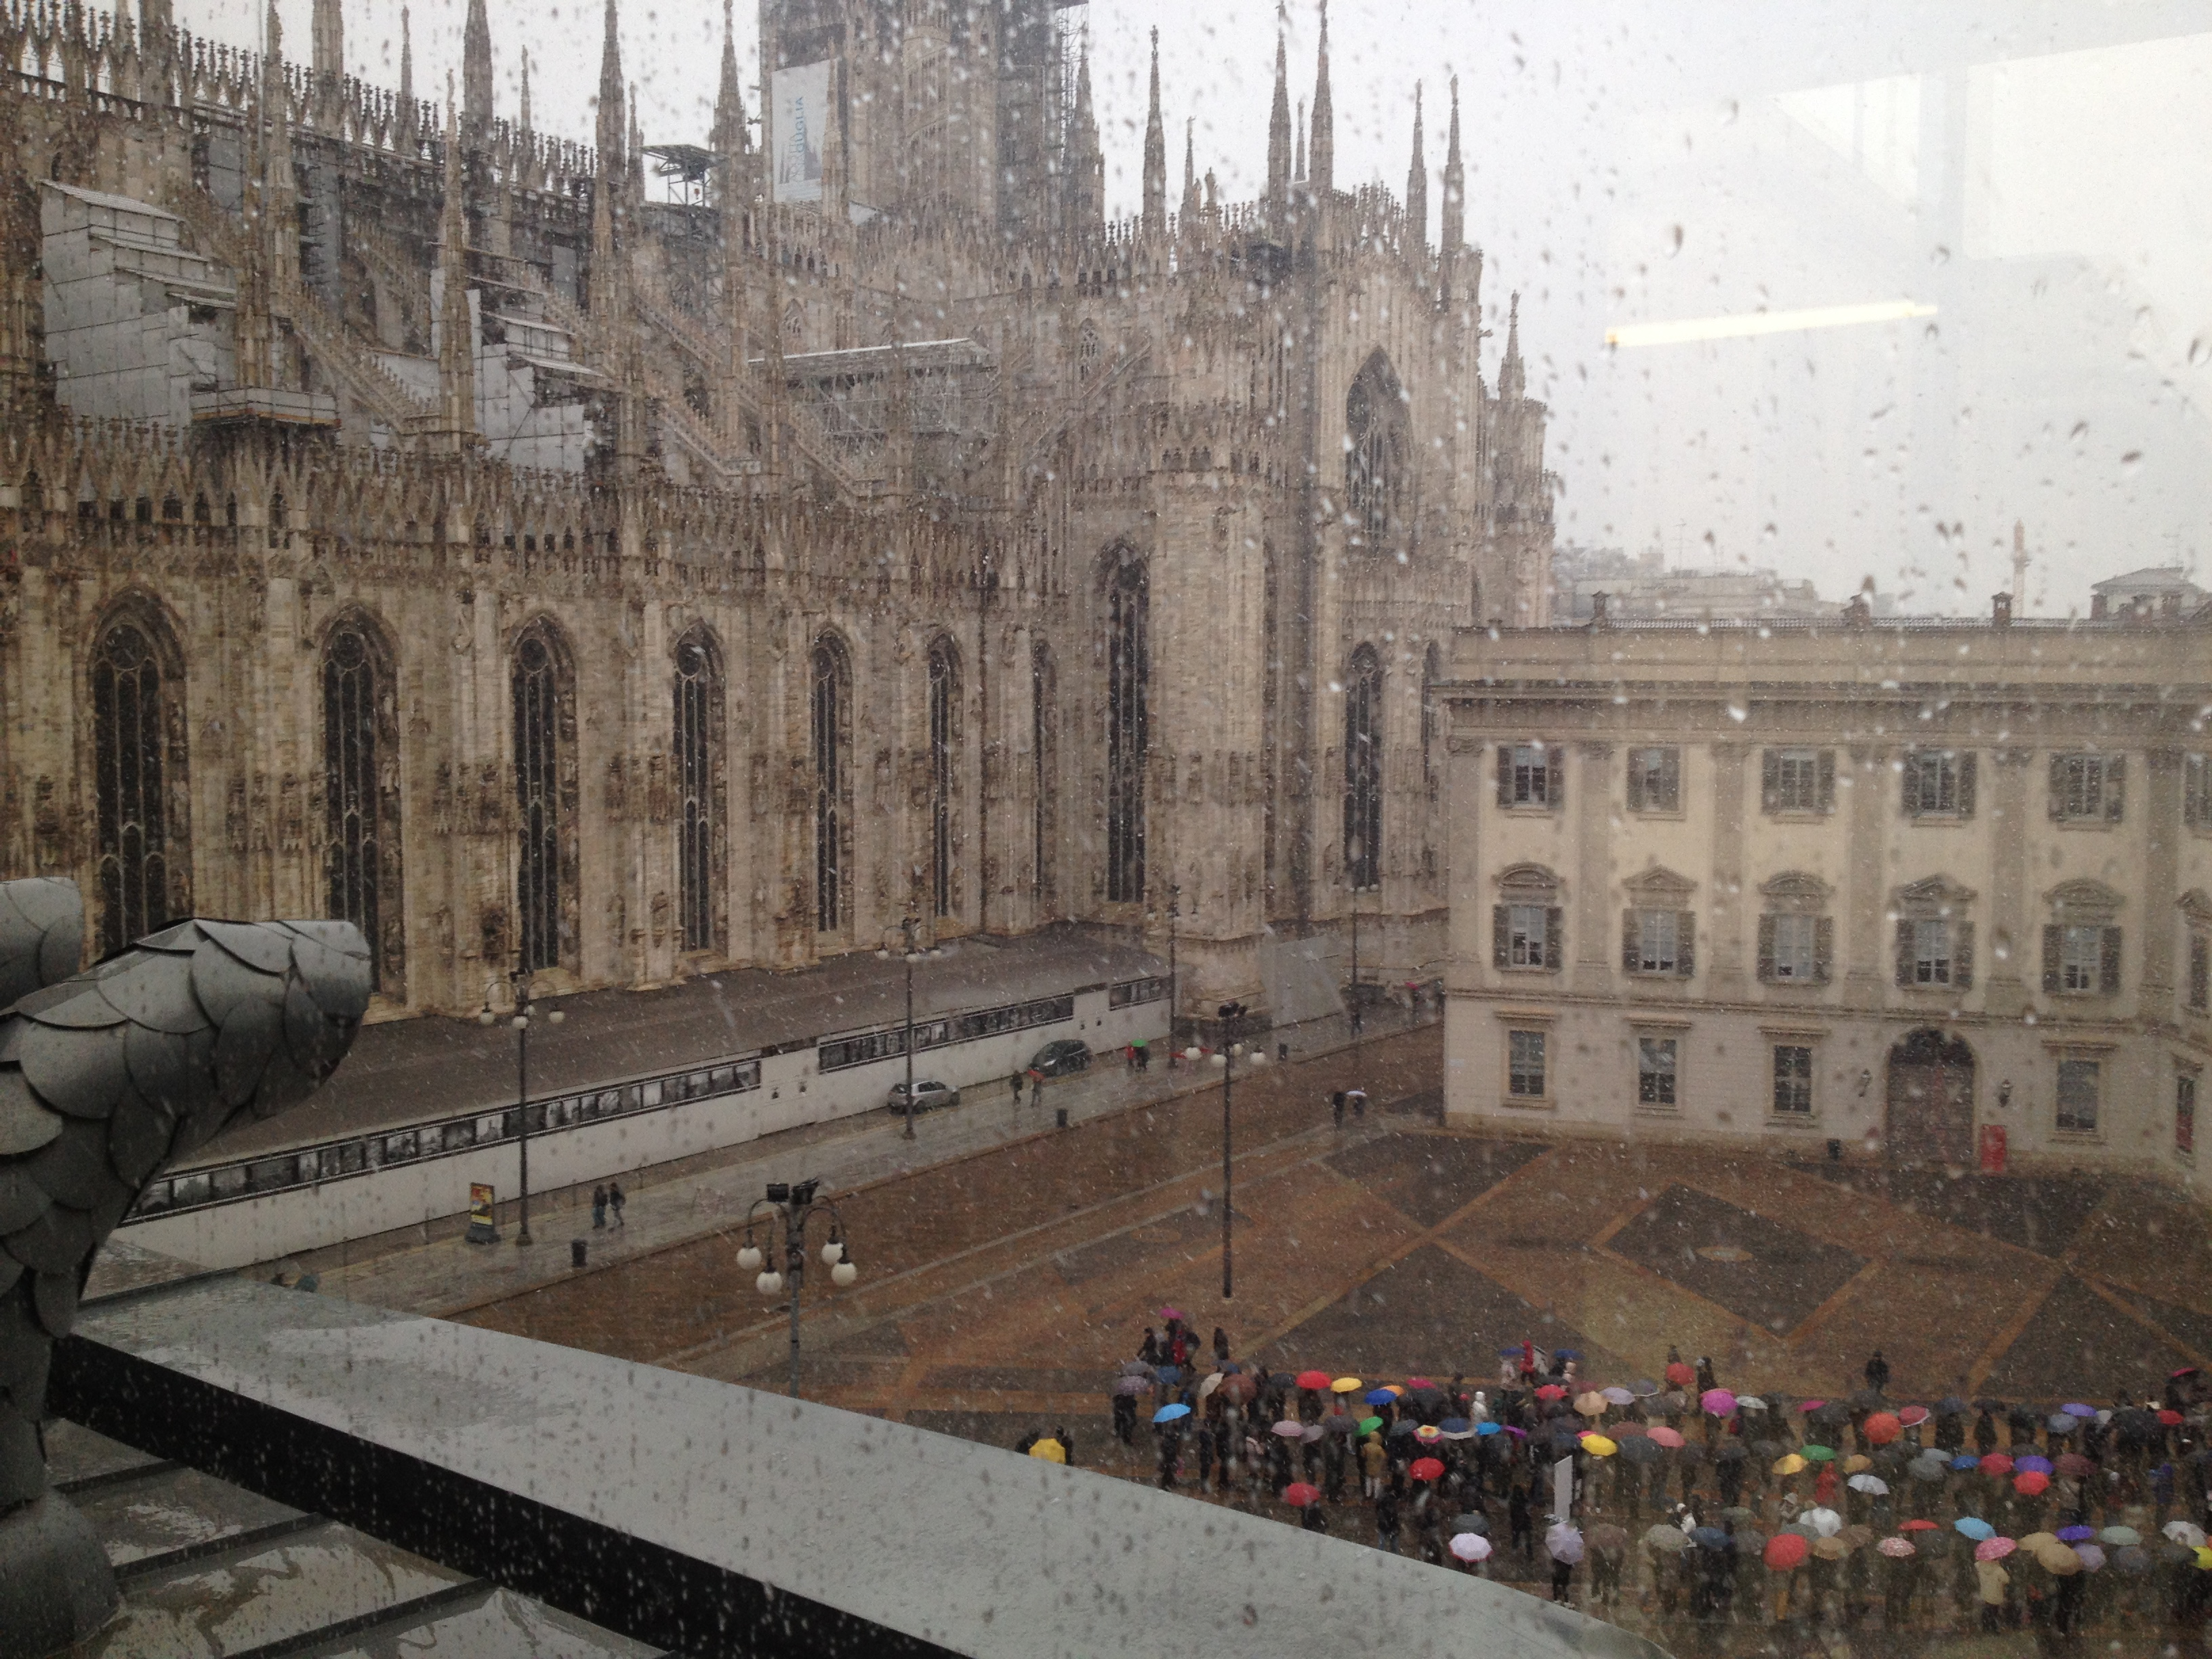 Milan_Duomo_Umbrellas